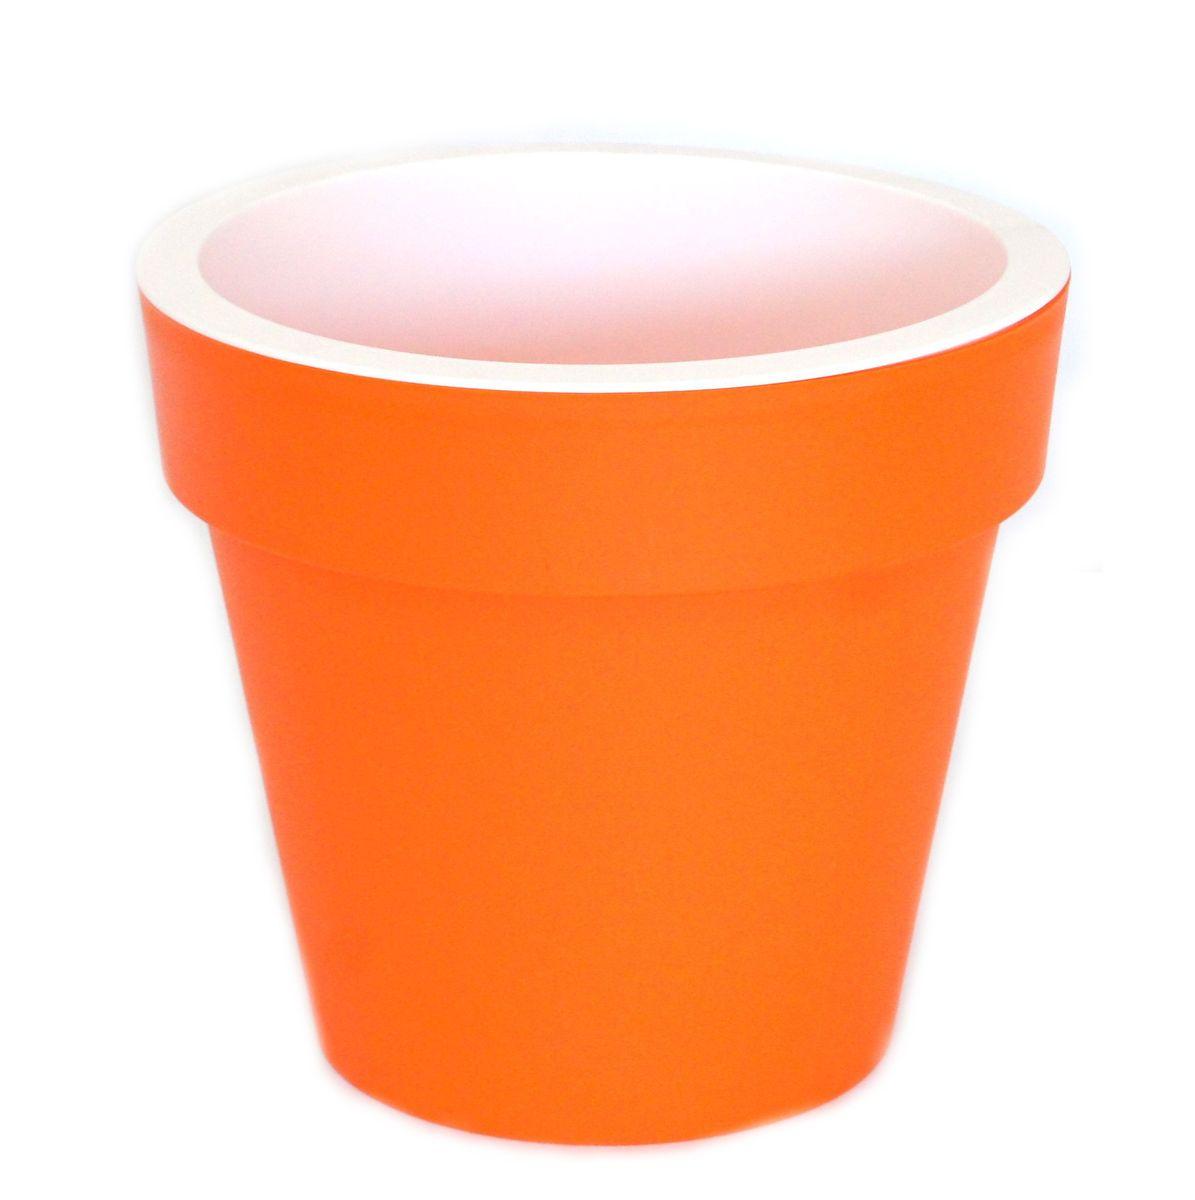 Кашпо JetPlast Порто, со вставкой, цвет: оранжевый, 1 л4612754052431Кашпо Порто классической формы с внутренней вставкой-горшком. Дренажная вставка позволяет легко поливать растения без использования дополнительного поддона. Вместительный объем кашпо позволяет высаживать самые разнообразные растения, а съемная вставка избавит вас от грязи и подчеркнет красоту цветка. Оно изготовлено из прочного полипропилена (пластика). Такое кашпо порадует вас функциональностью, а благодаря лаконичному дизайну впишется в любой интерьер помещения. Объем кашпо: 1 л.